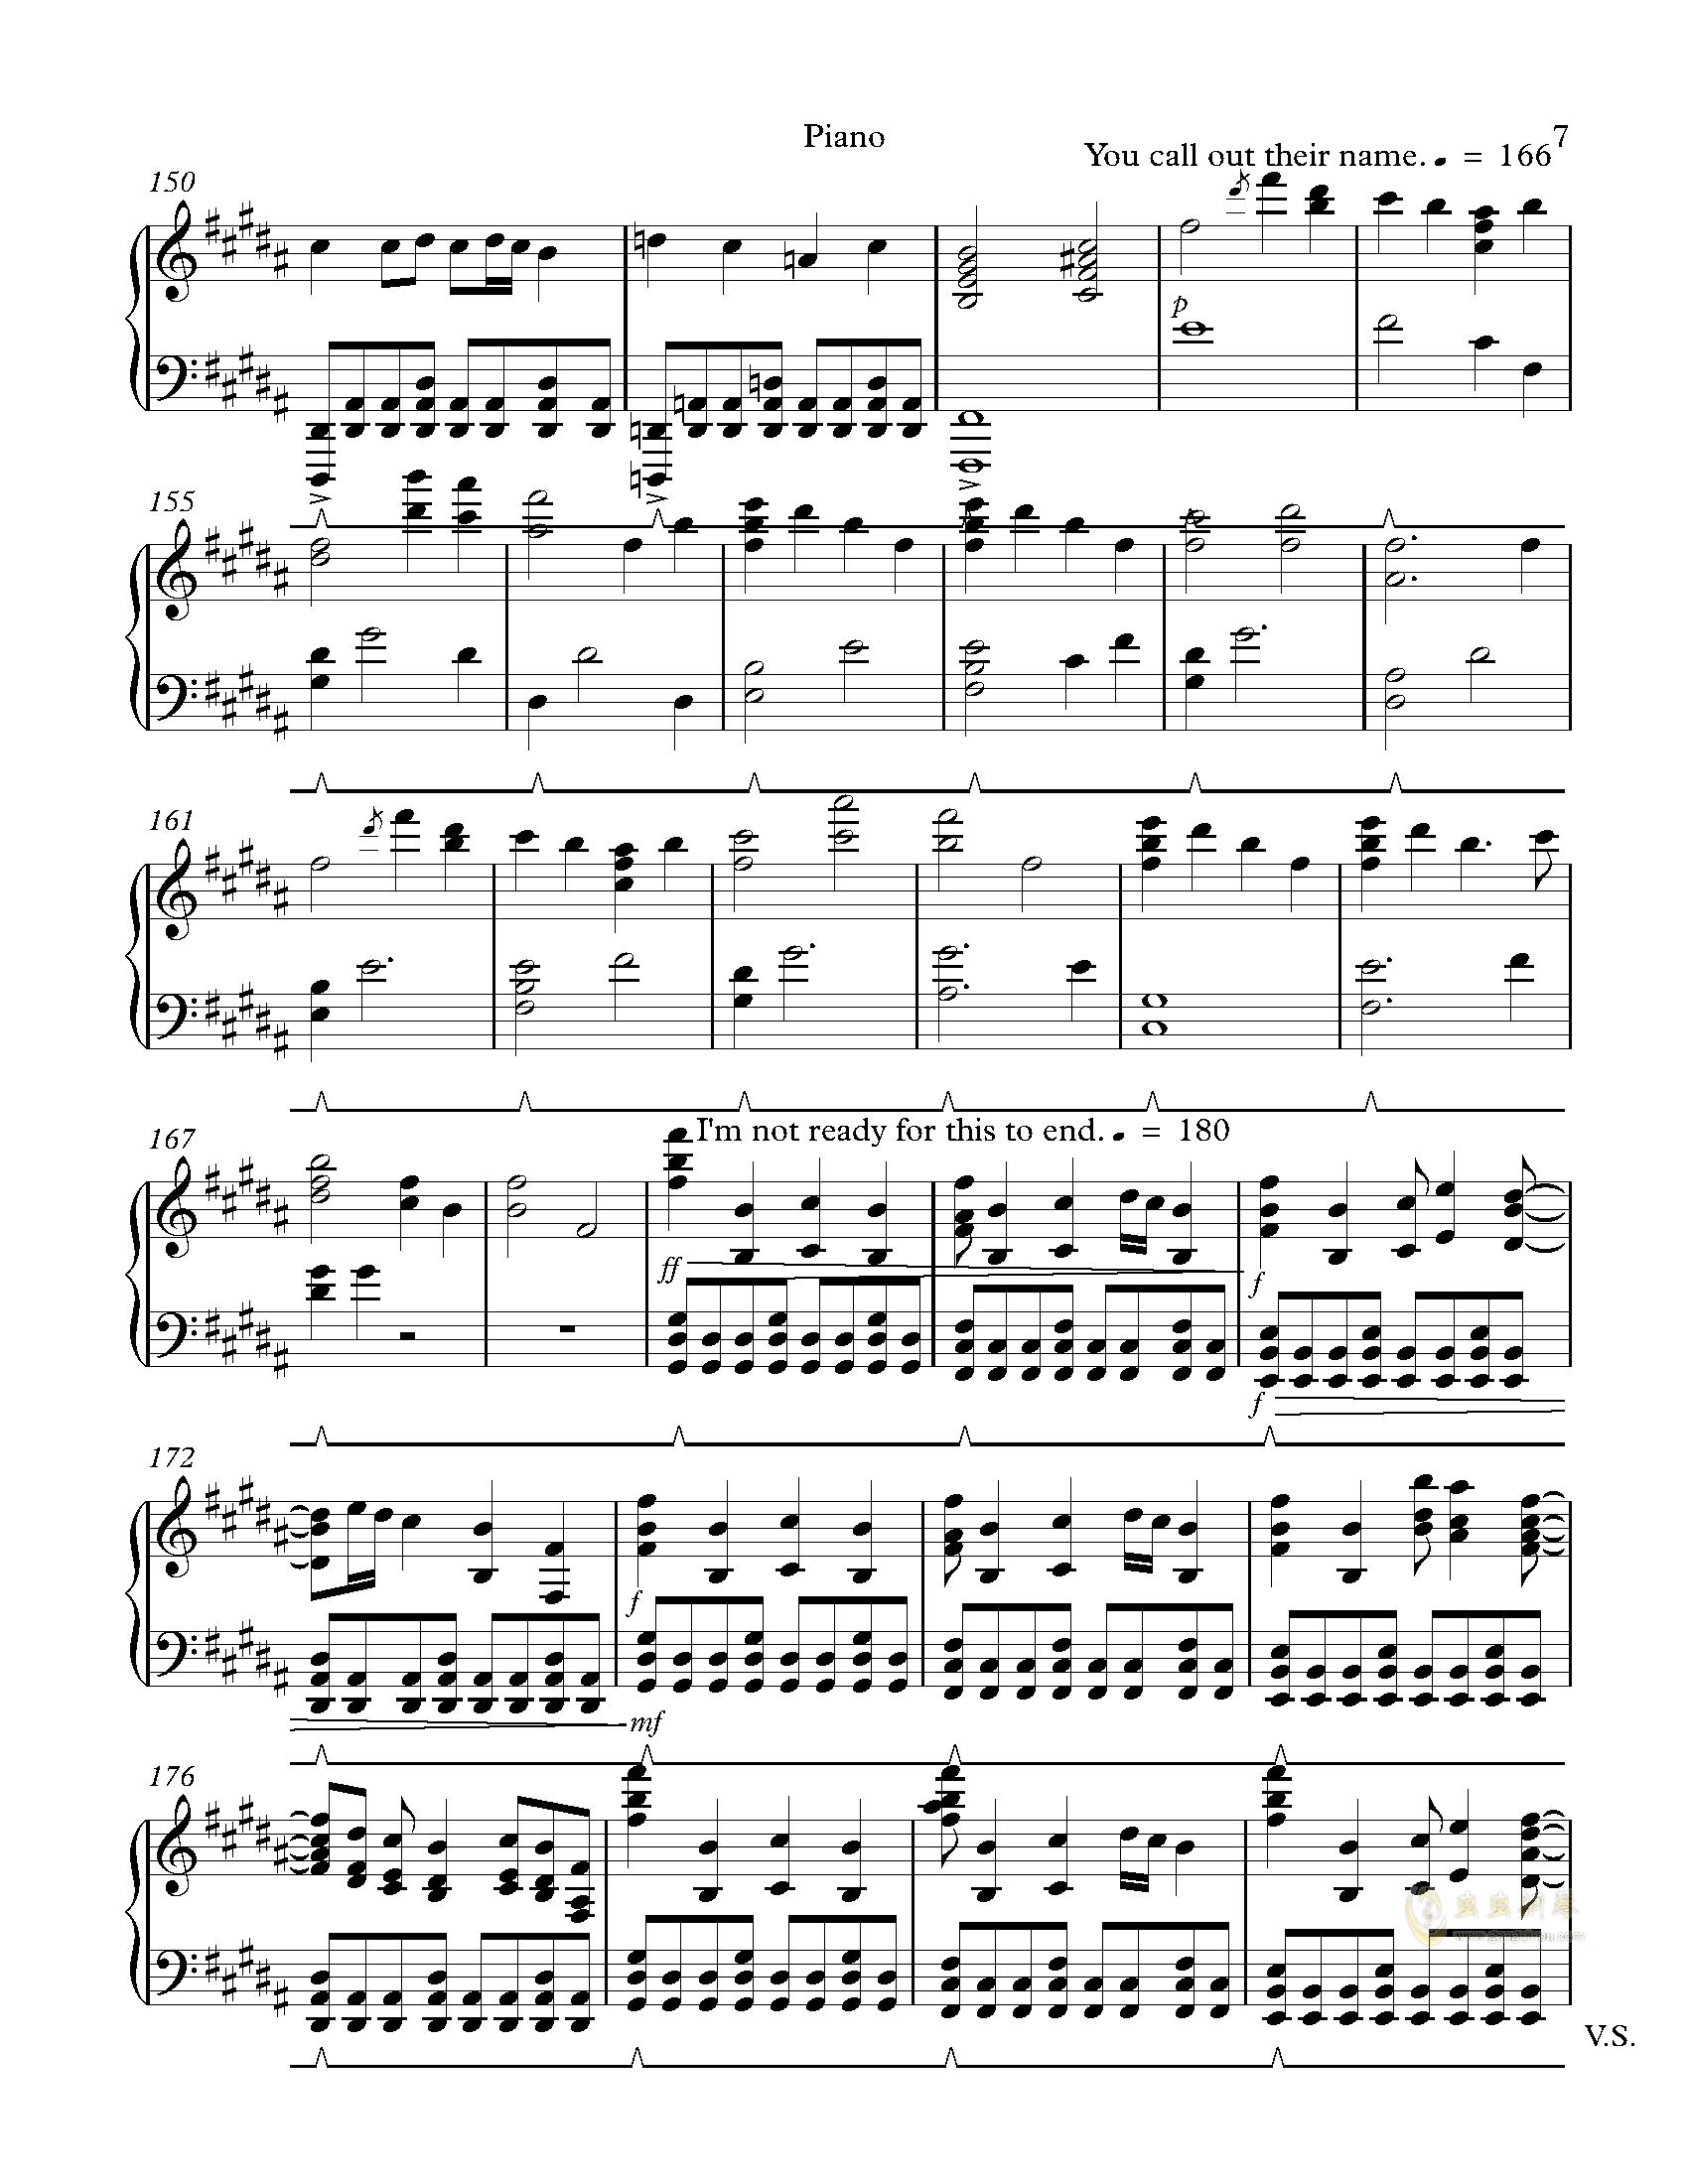 Hopes and Dreams 钢琴谱 第7页